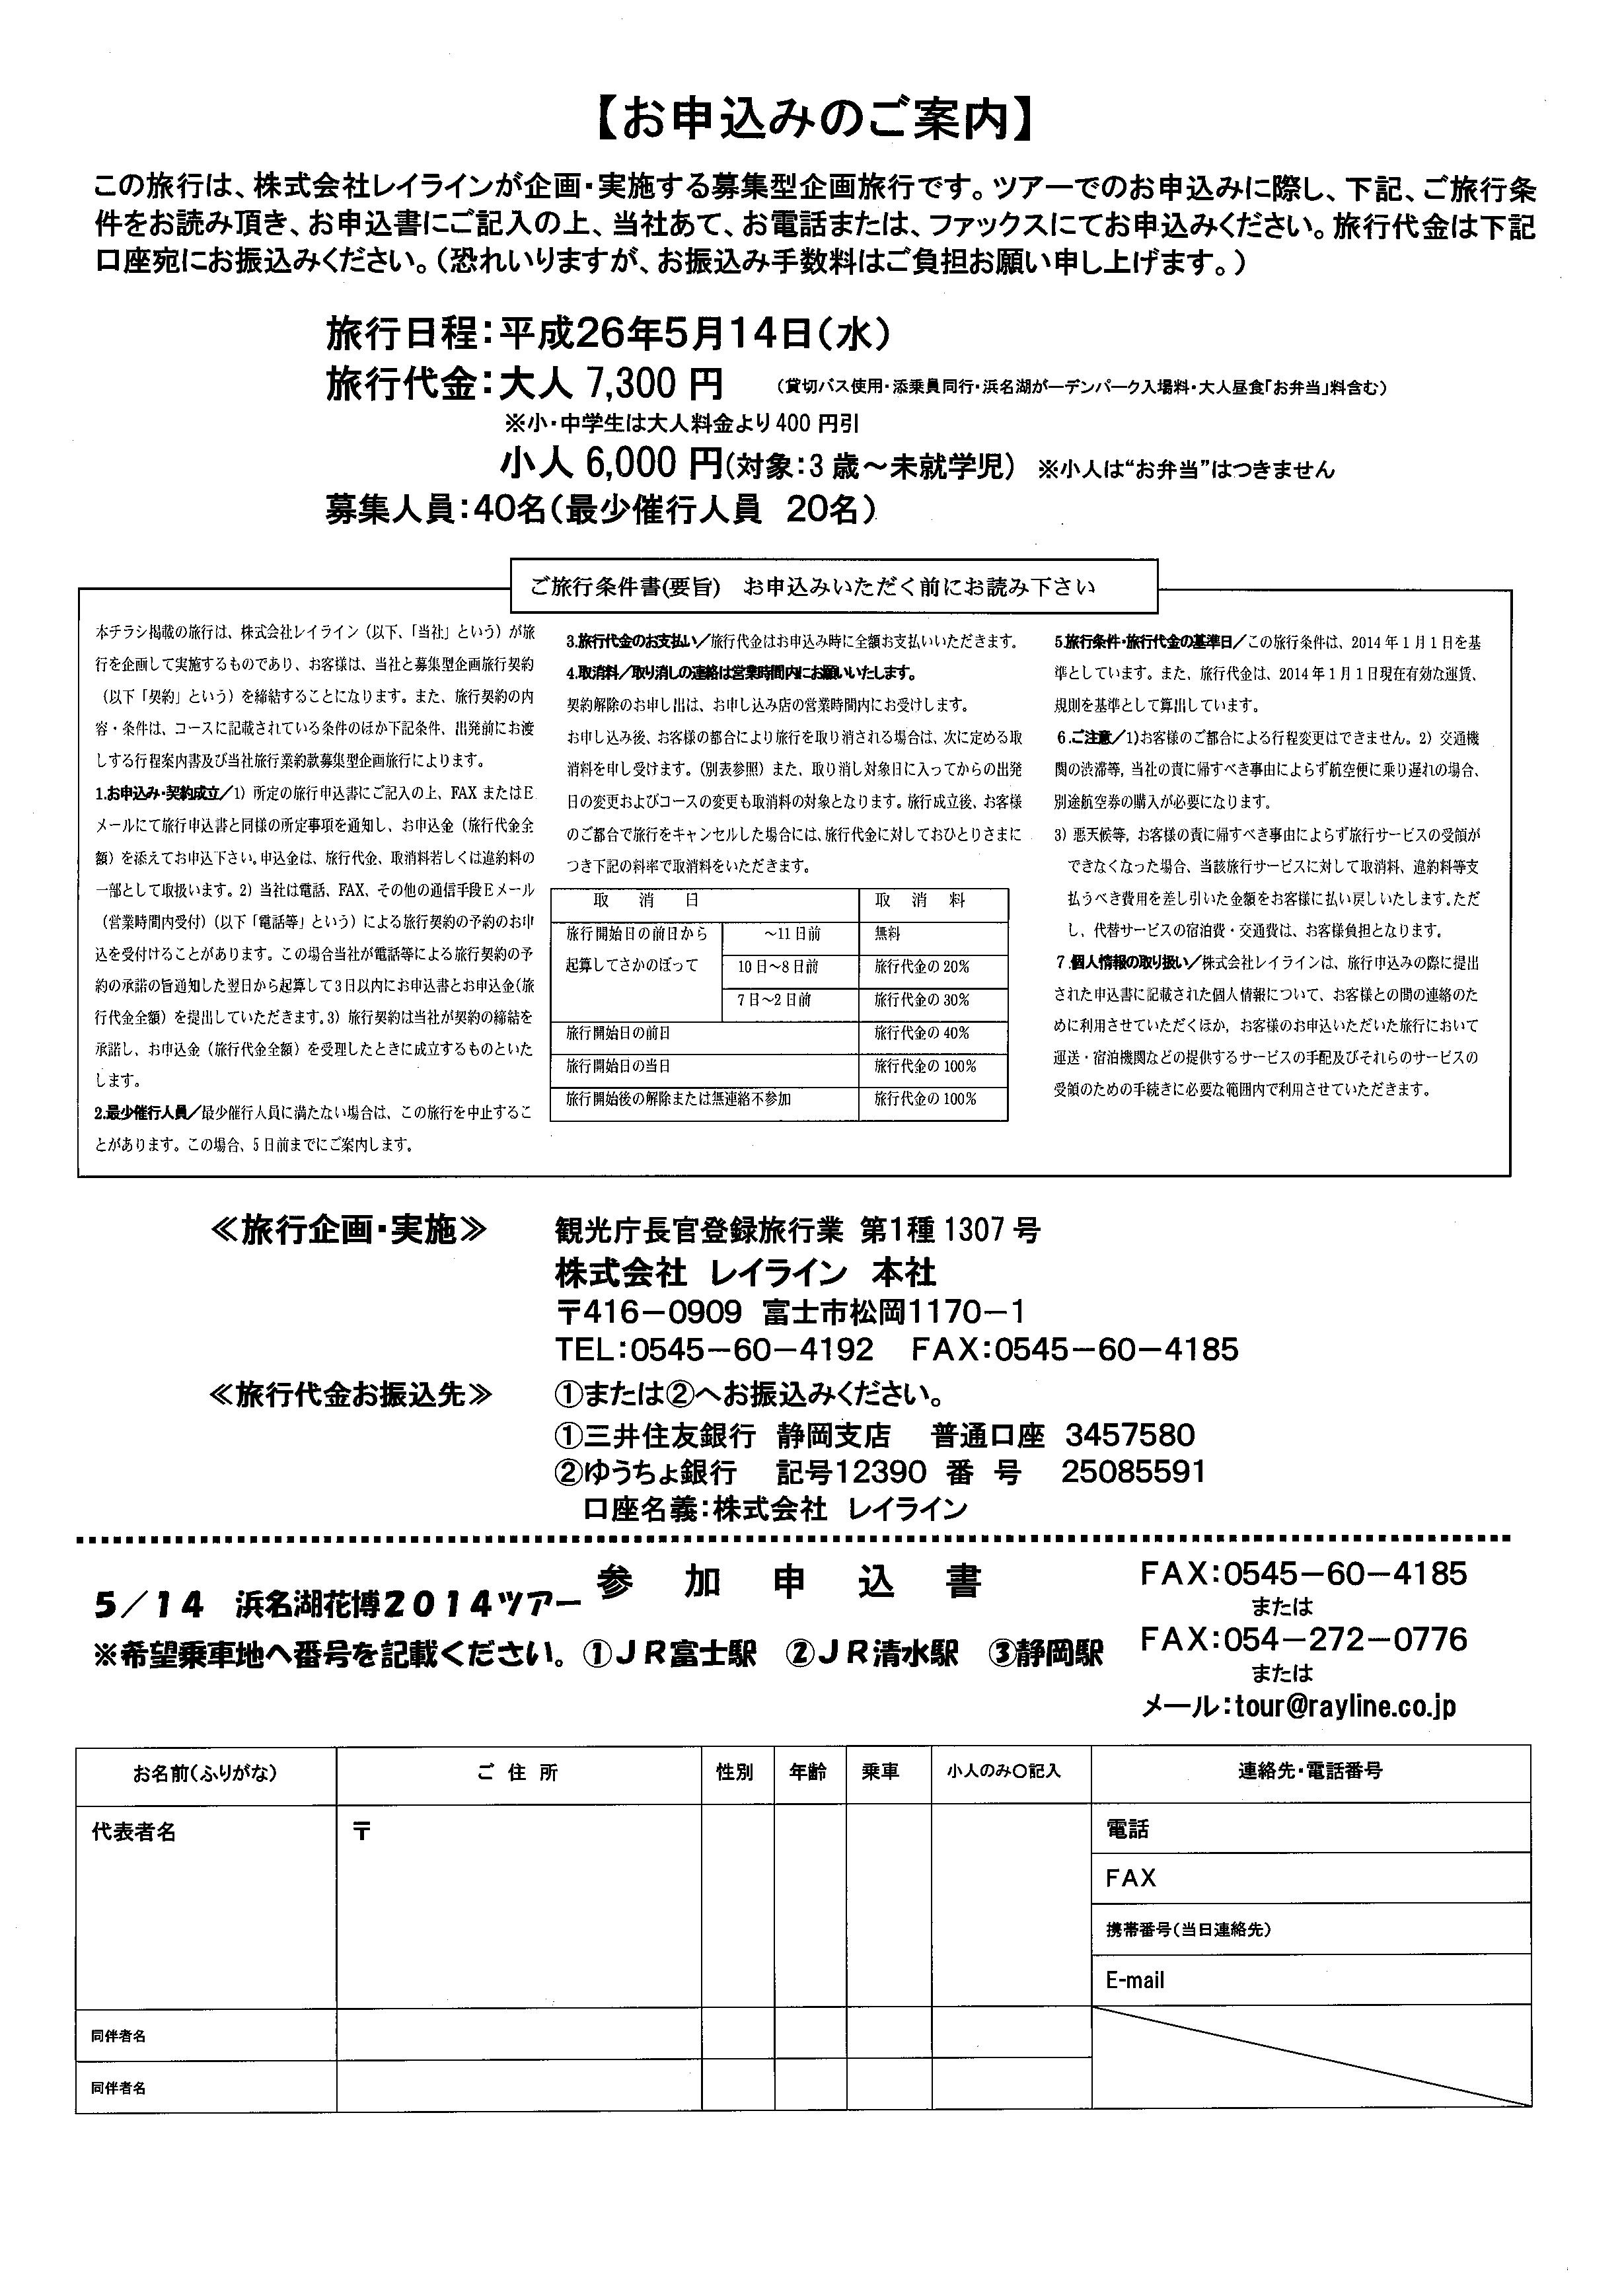 花博チラシ(お申込書)